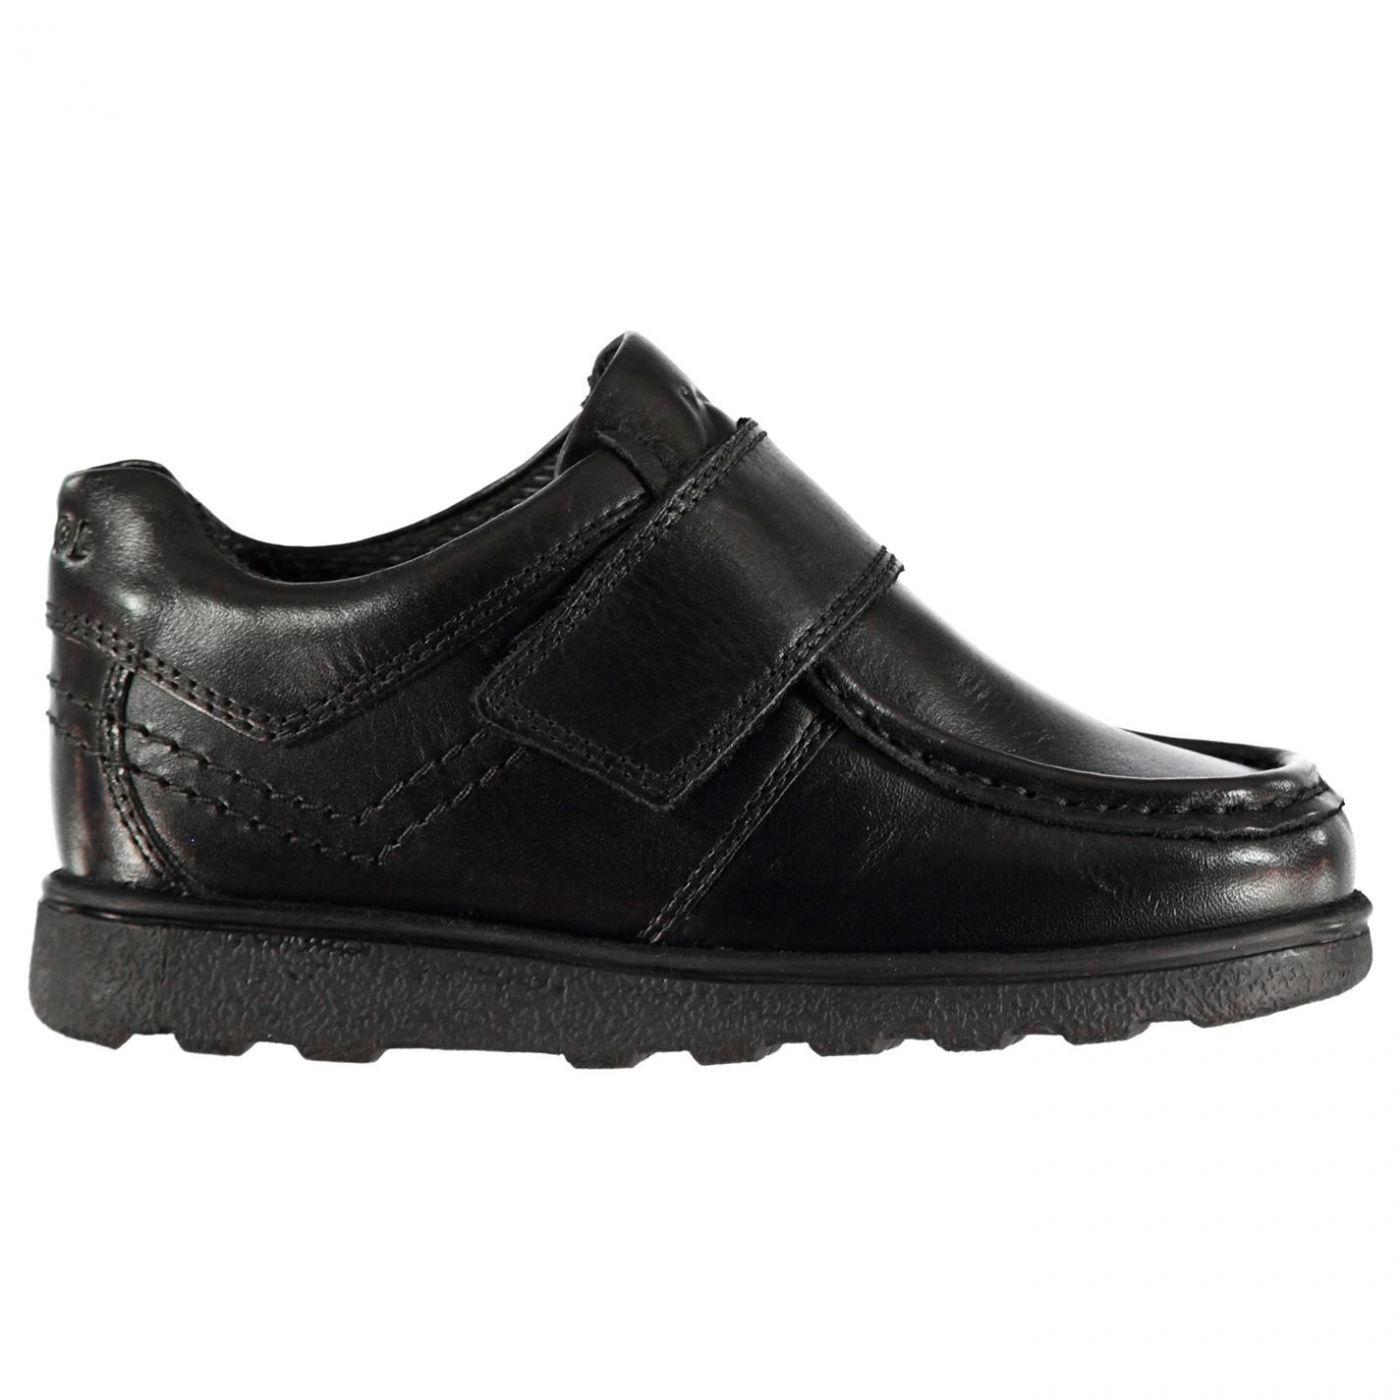 Kangol Waltham Childrens Shoes